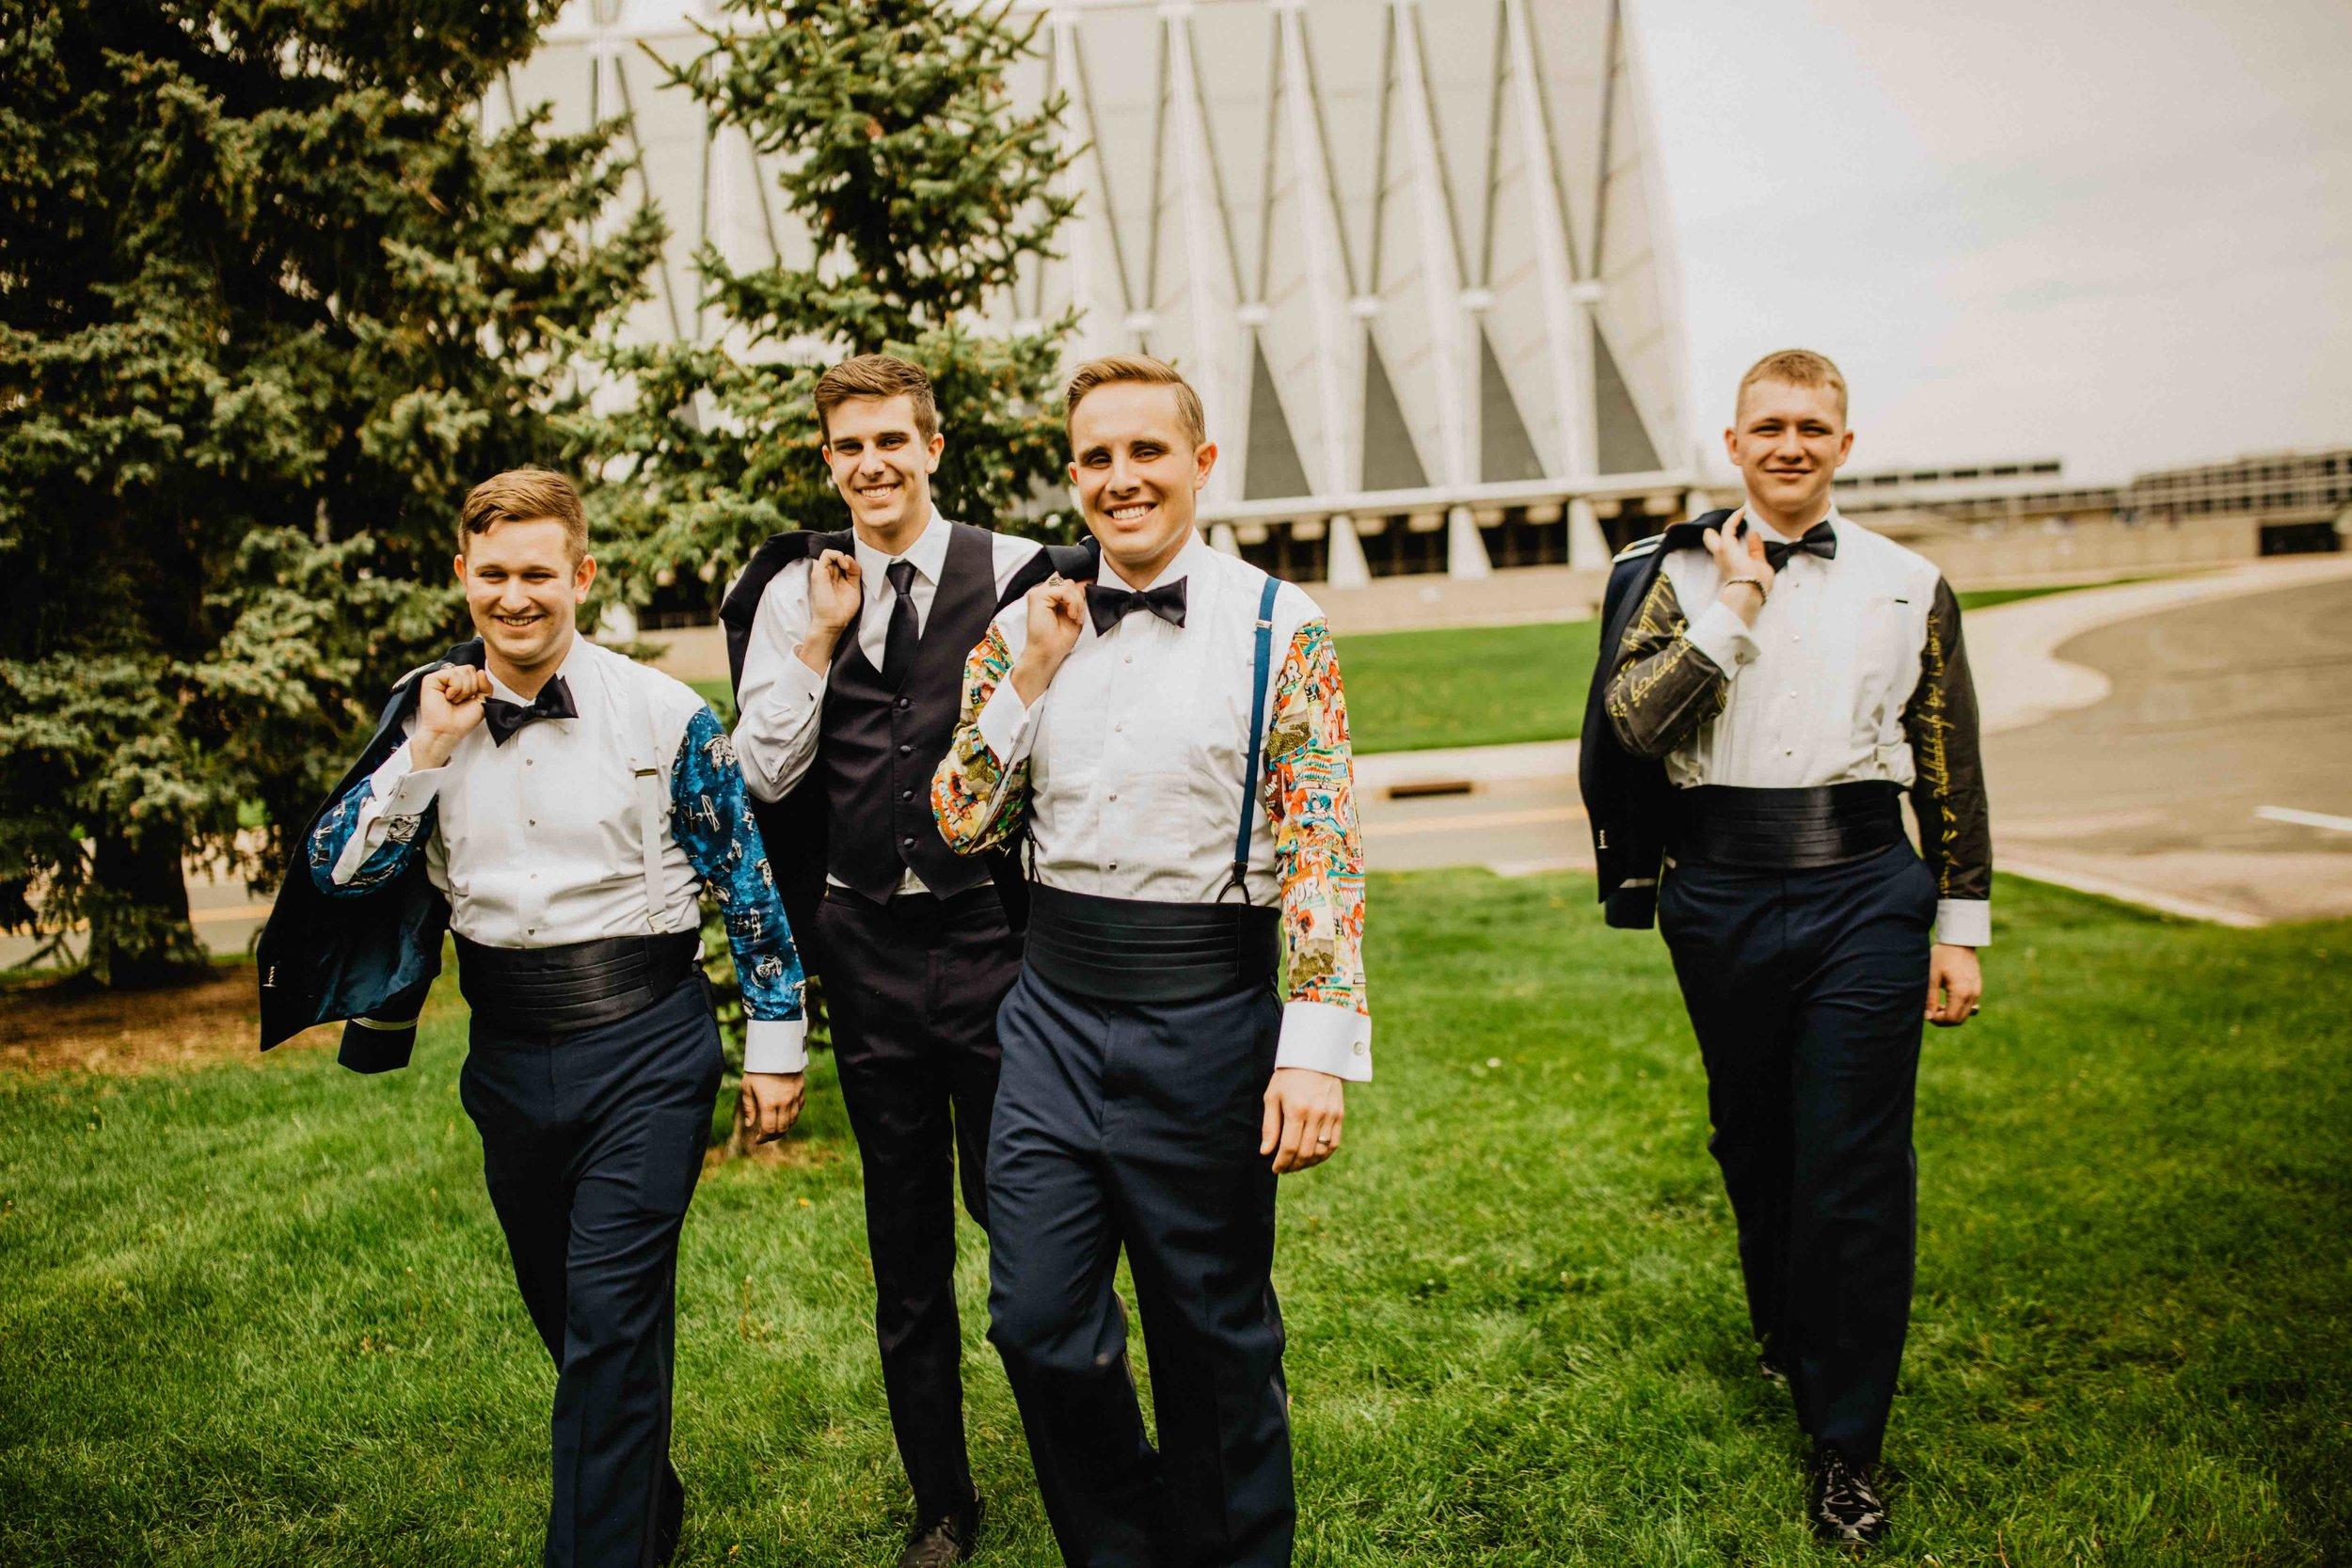 4W7A9896-colorado-wedding-photographer-denver-springs-vail--colorado-wedding-photographer-denver-springs-vail-.jpeg